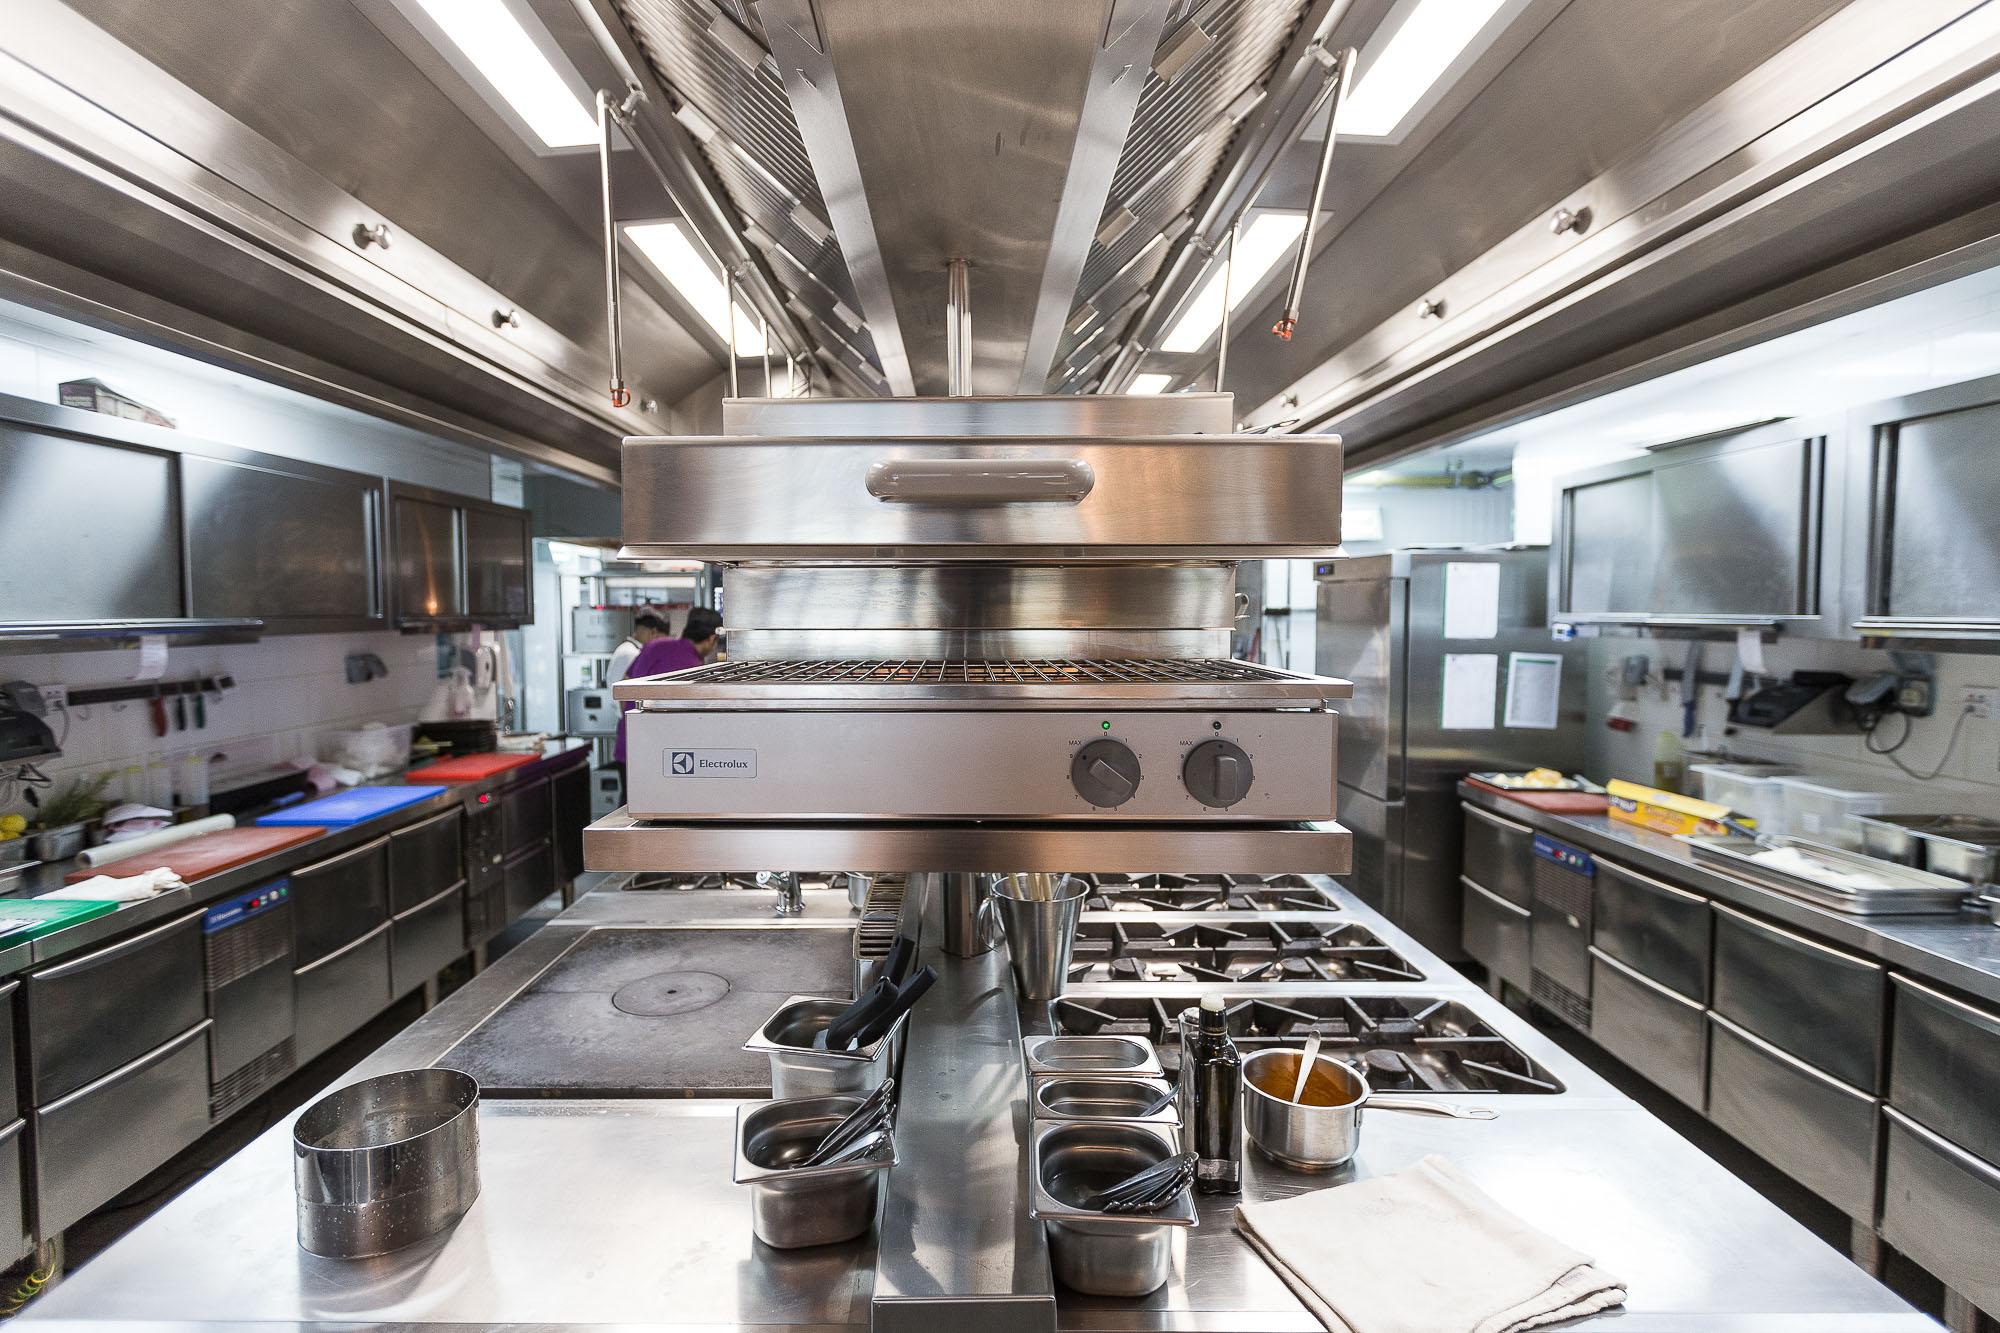 italia_kitchen_robertos_abu_dhabi_33